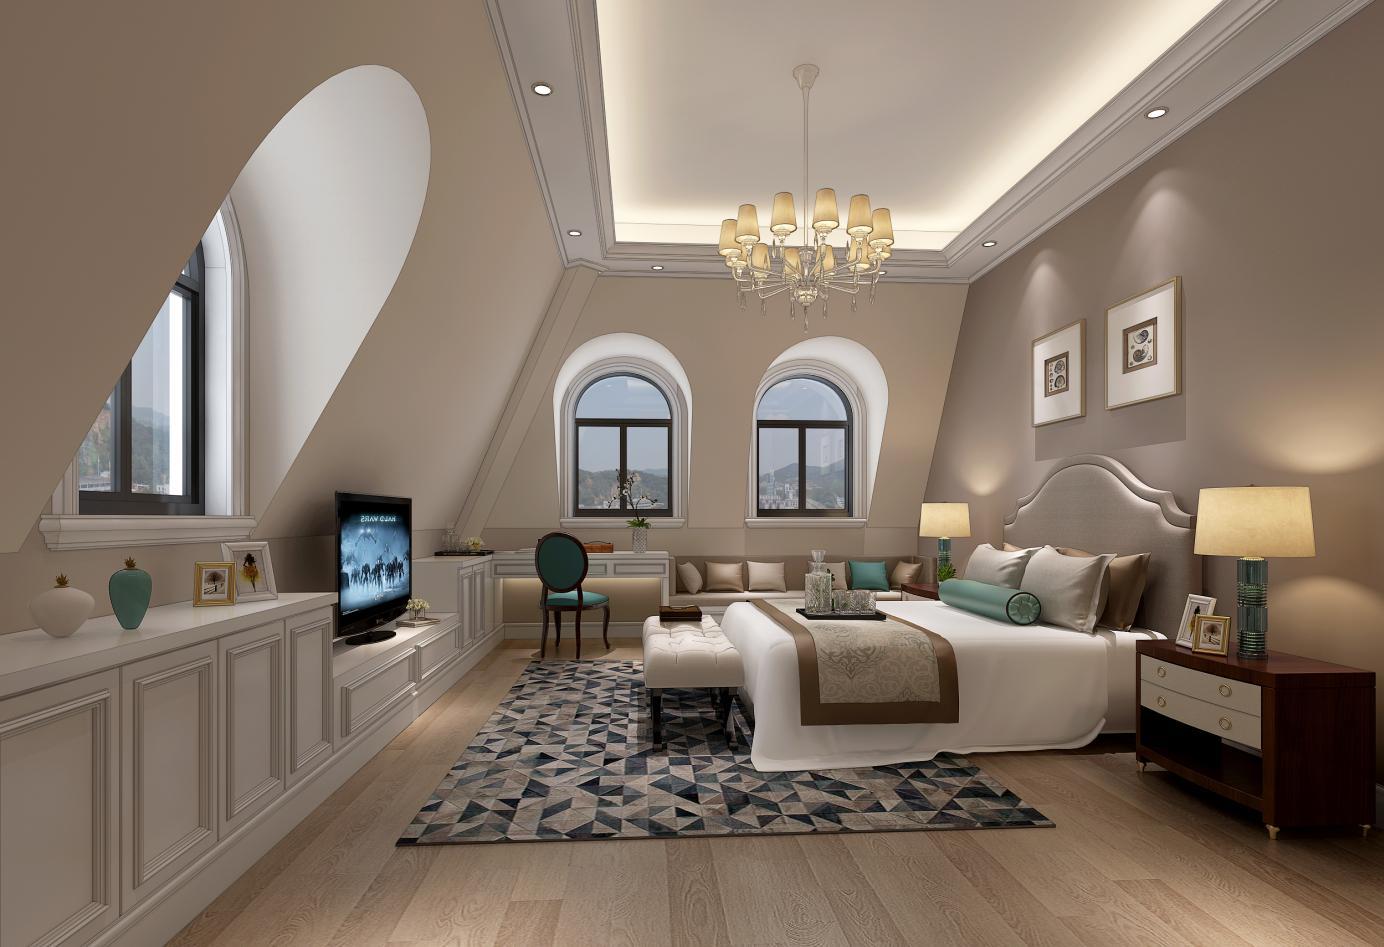 乔爱庄园 别墅装修 欧式风格 腾龙设计 卧室图片来自孔继民在乔爱庄园别墅装修欧式风格设计的分享